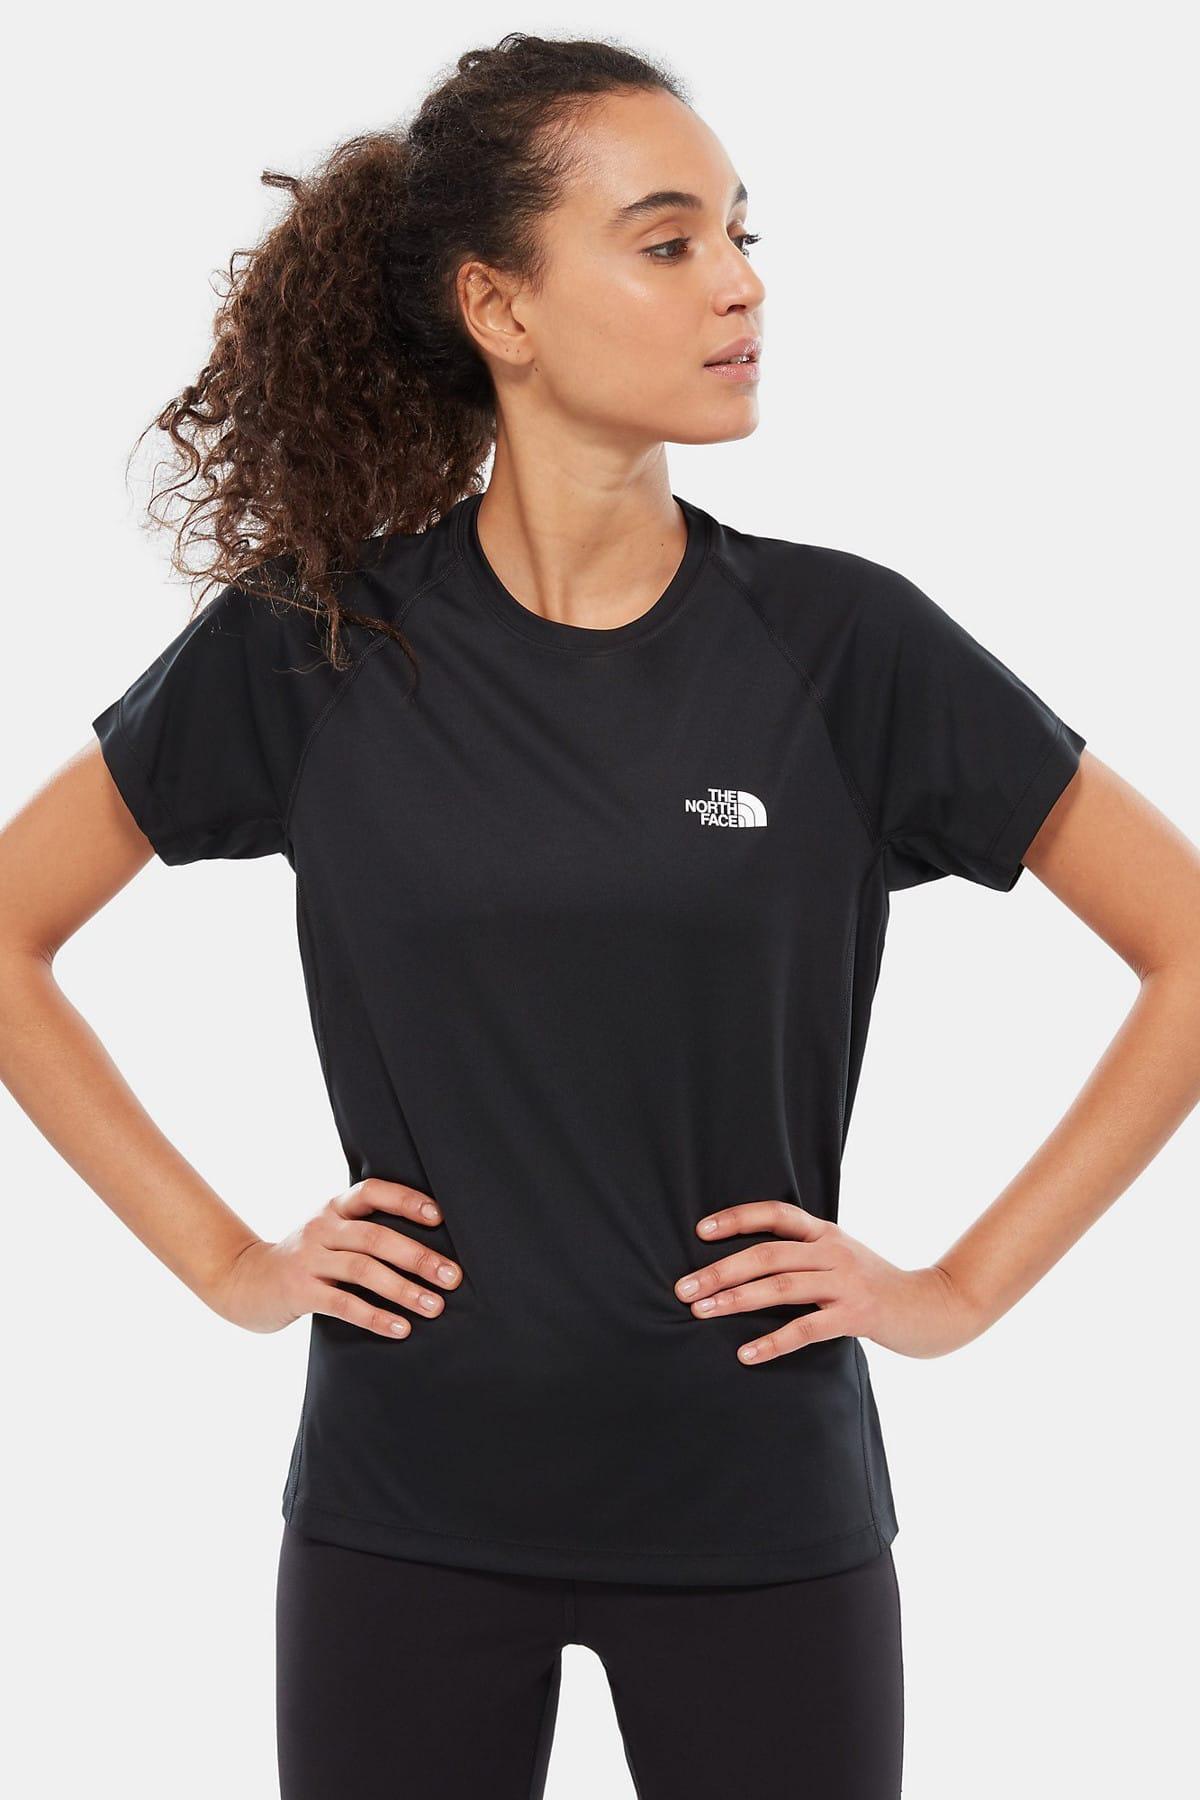 THE NORTH FACE Kadın T-shirt W FLEX S/S - EU   - T93JZ1 1